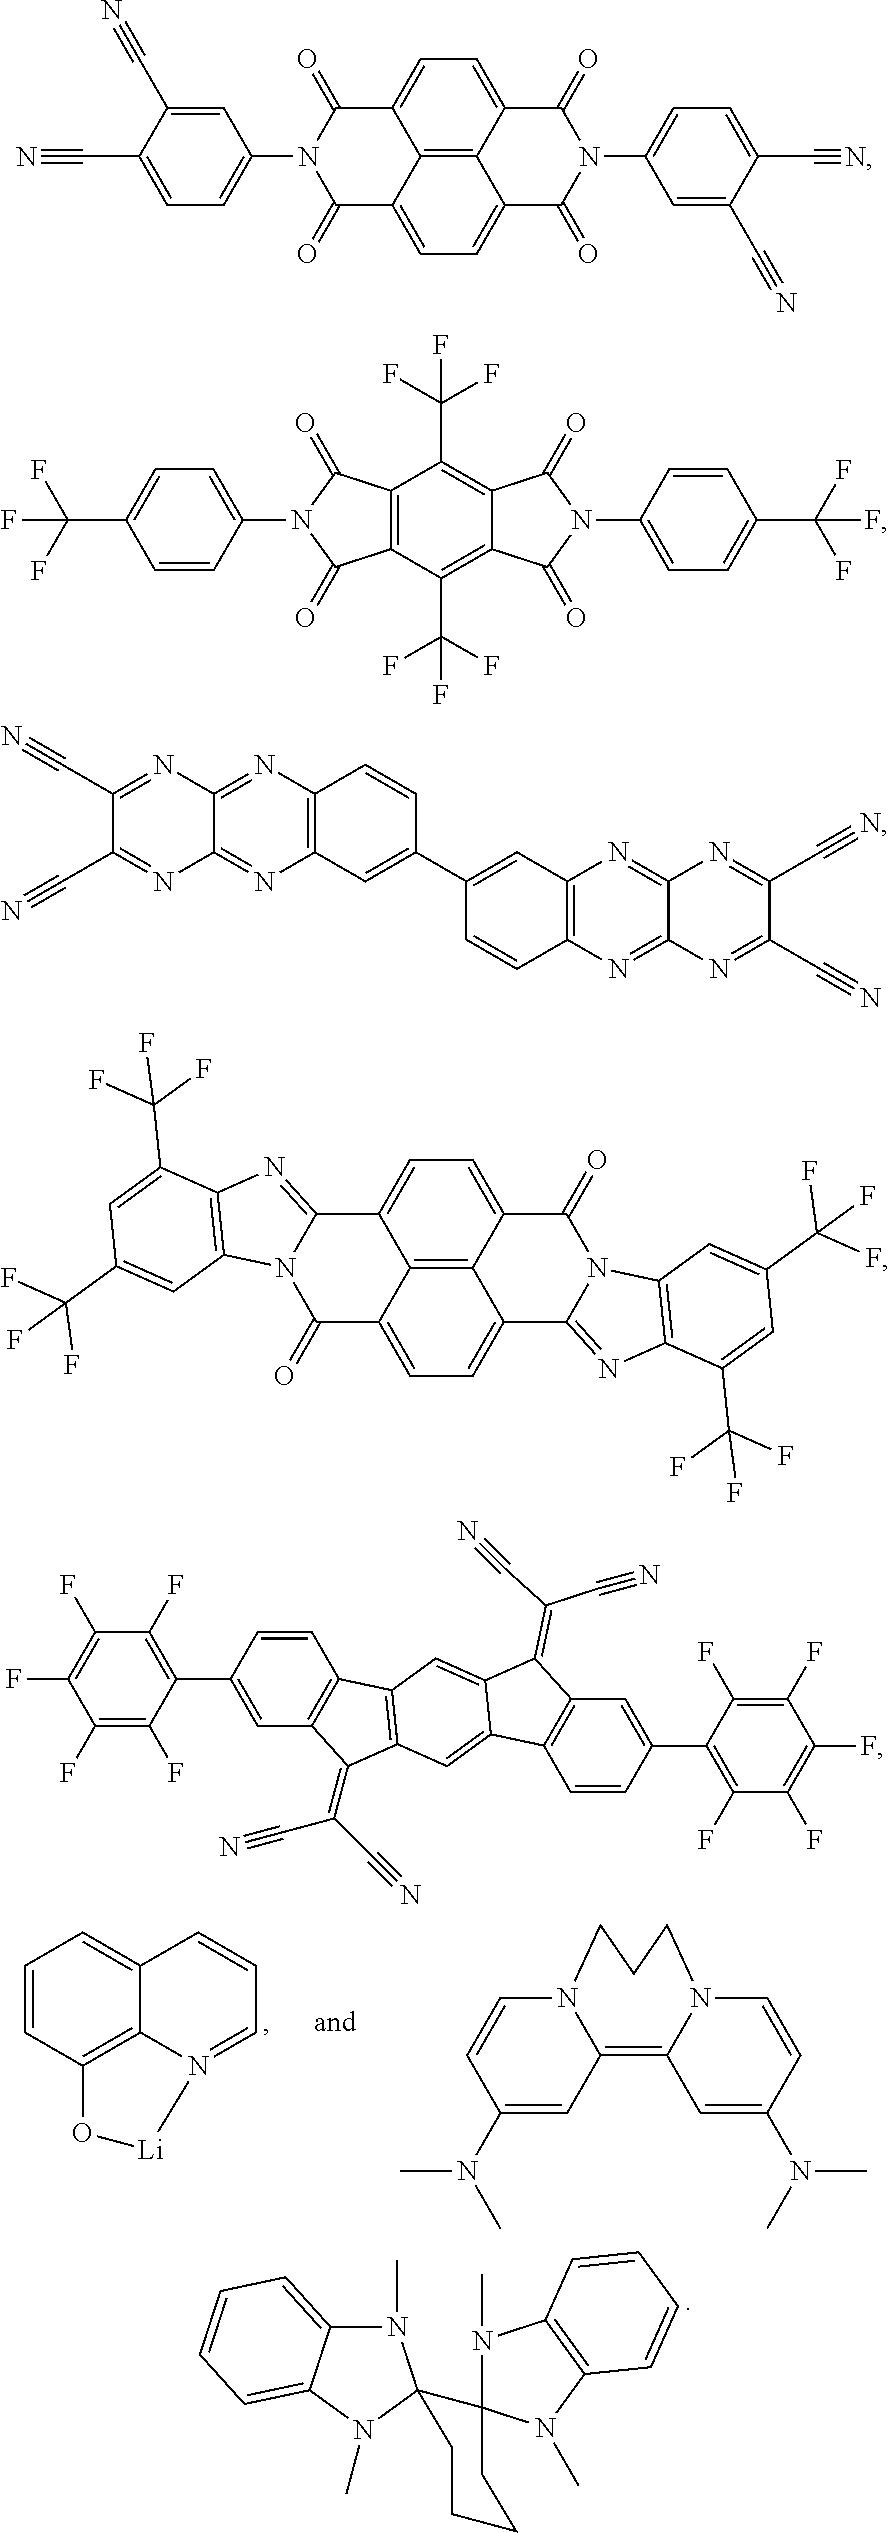 Figure US09859510-20180102-C00033